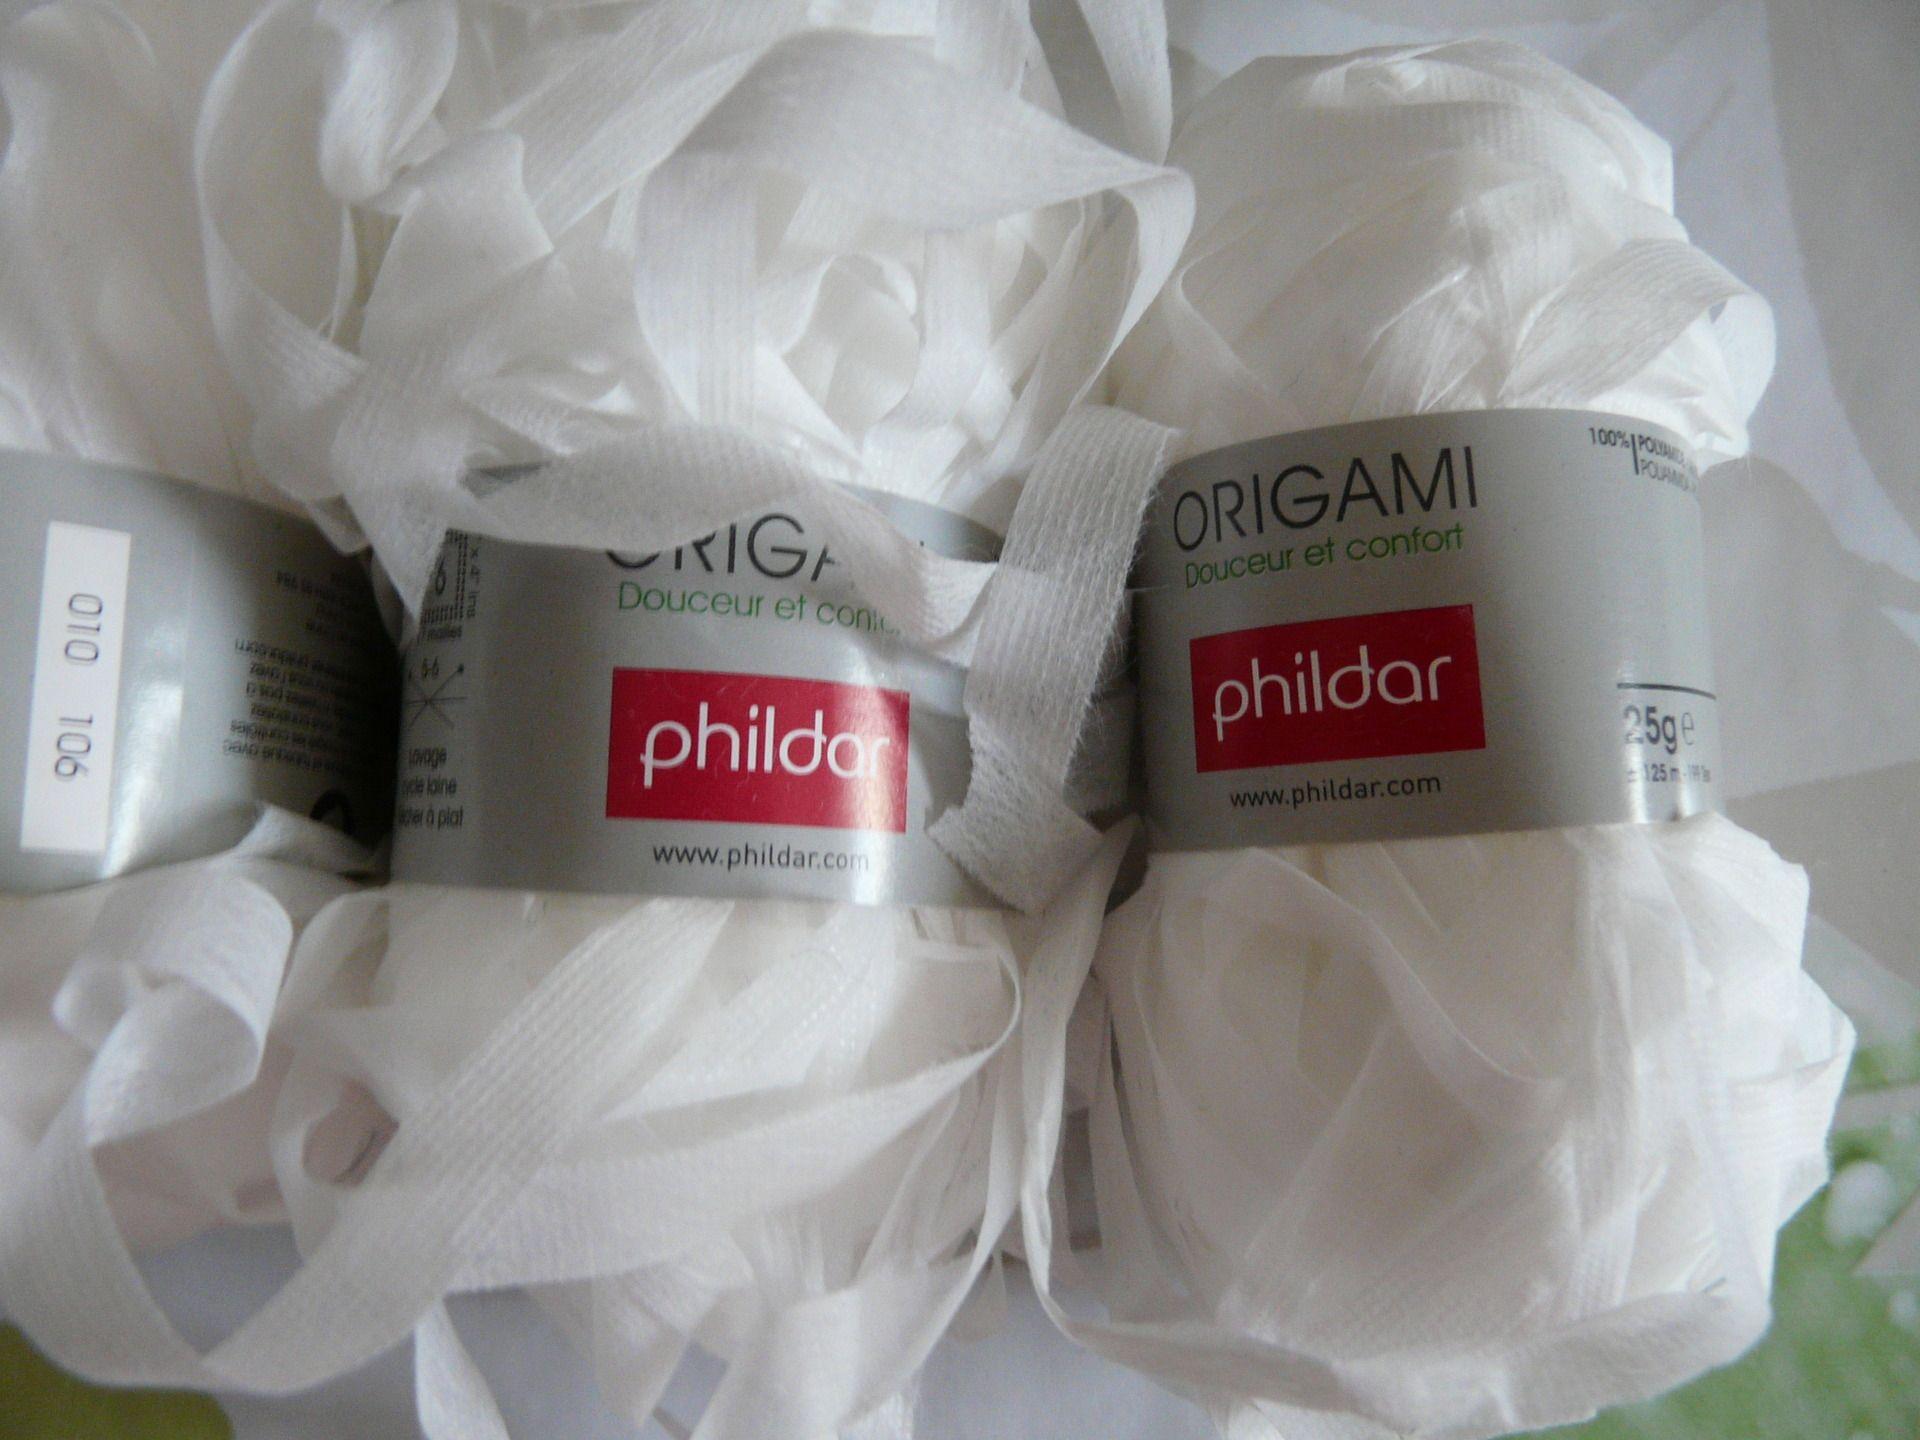 laine phildar origami